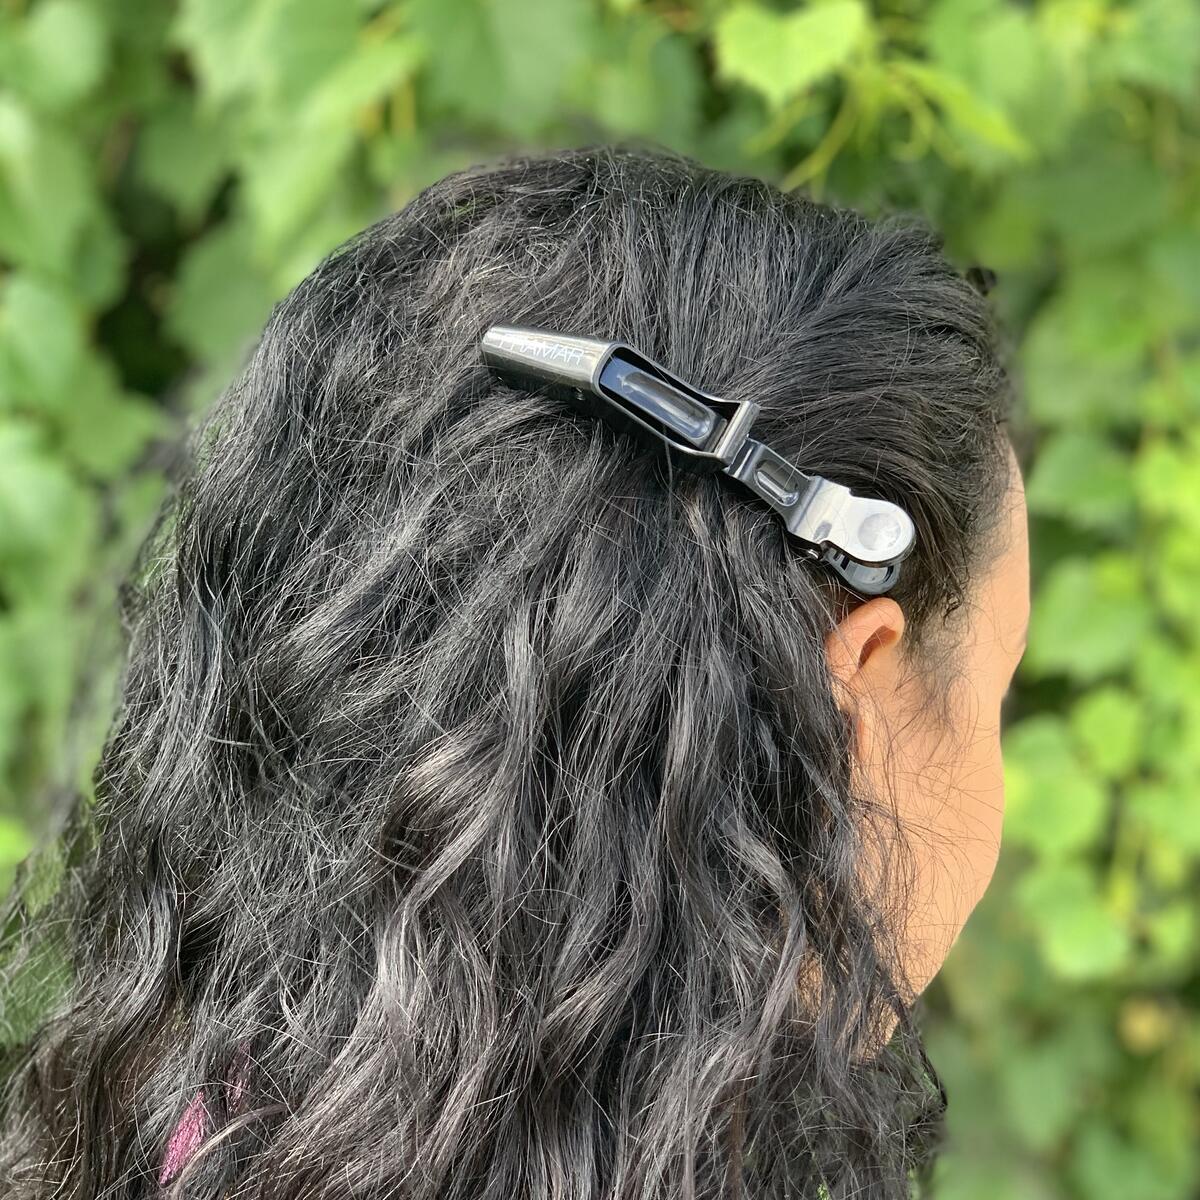 Framar Black Onyx Hair Clips 10 pieces - Premium Hair Clip, Clips for Hair, Alligator Hair Clips for Styling